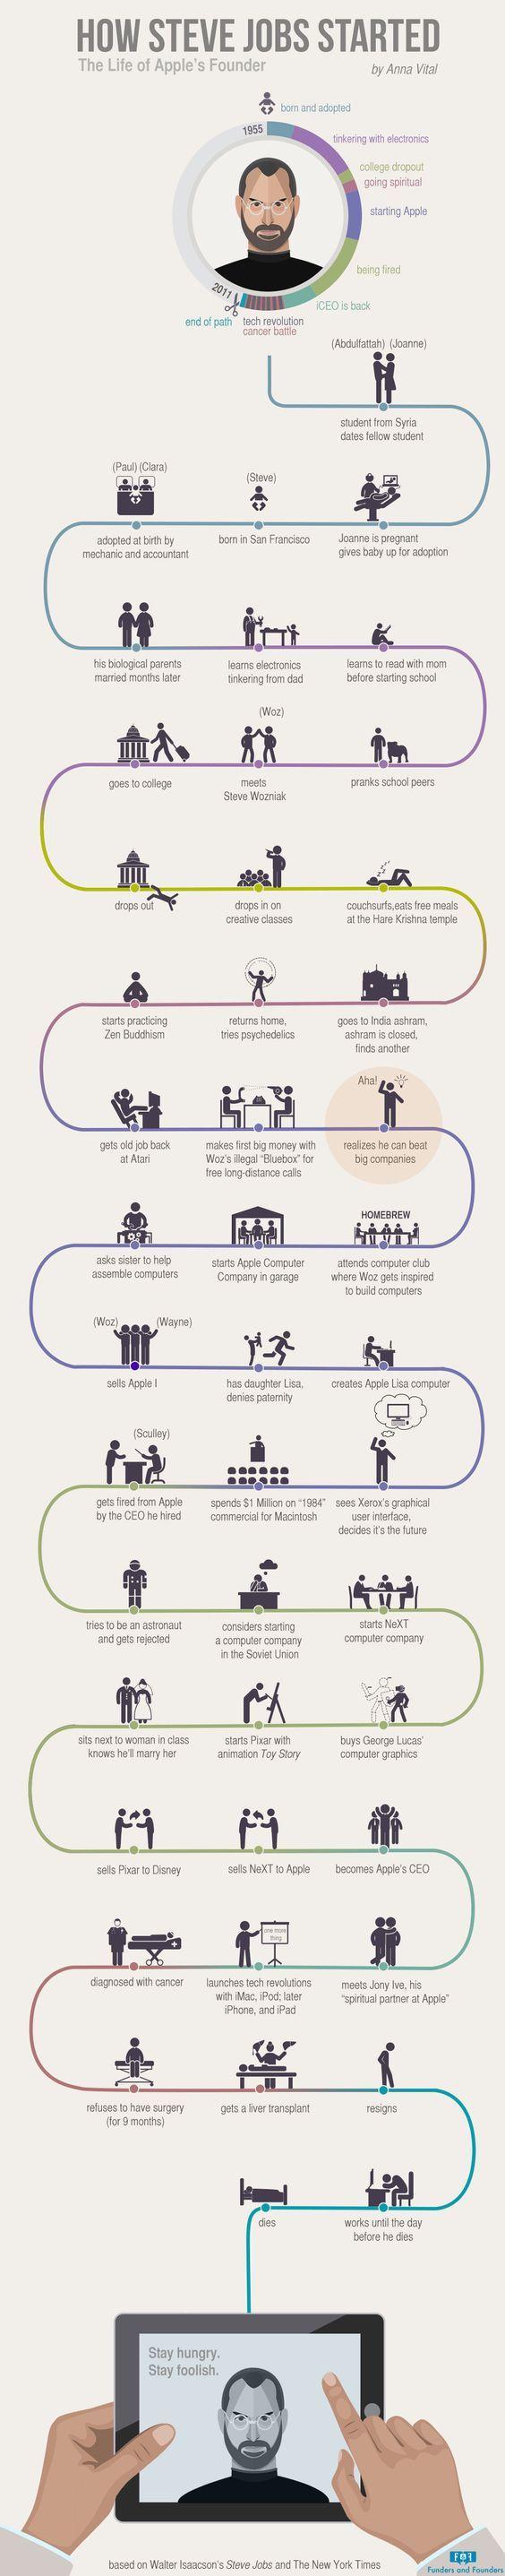 How Steve Jobs Started #infographic #SteveJobs #Apple: